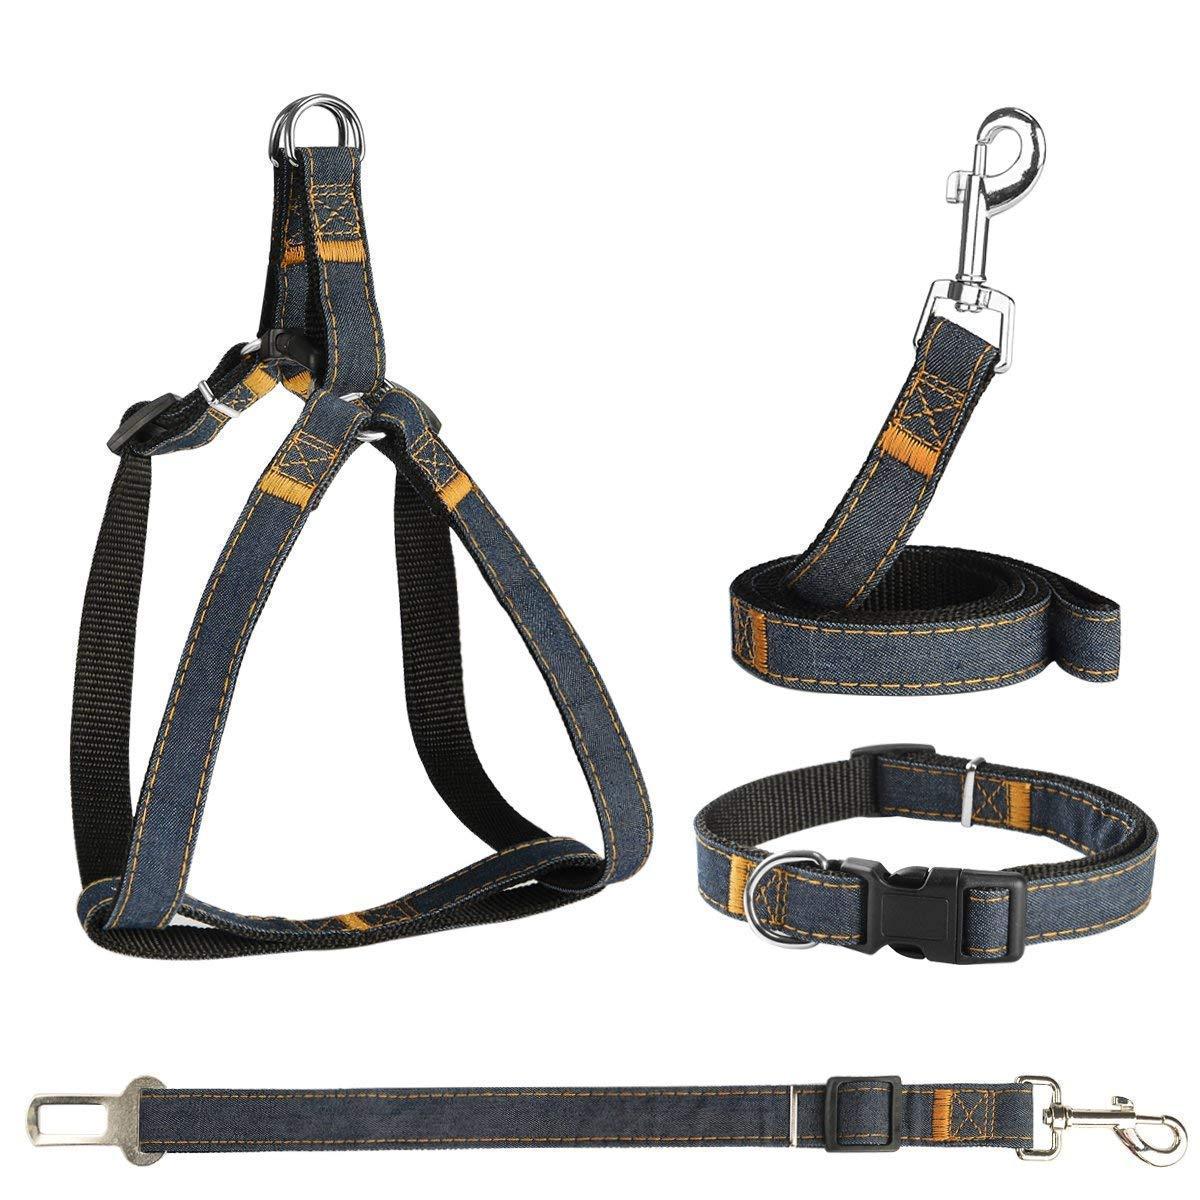 POWEROWL 4 in 1 Guinzaglio Regolabile per Cani, Guinzaglio Cintura di Sicurezza e Colletto Materiale Denim Comodo e Resistente per Cani Piccolo/Medi/Grande Set di 4 - S